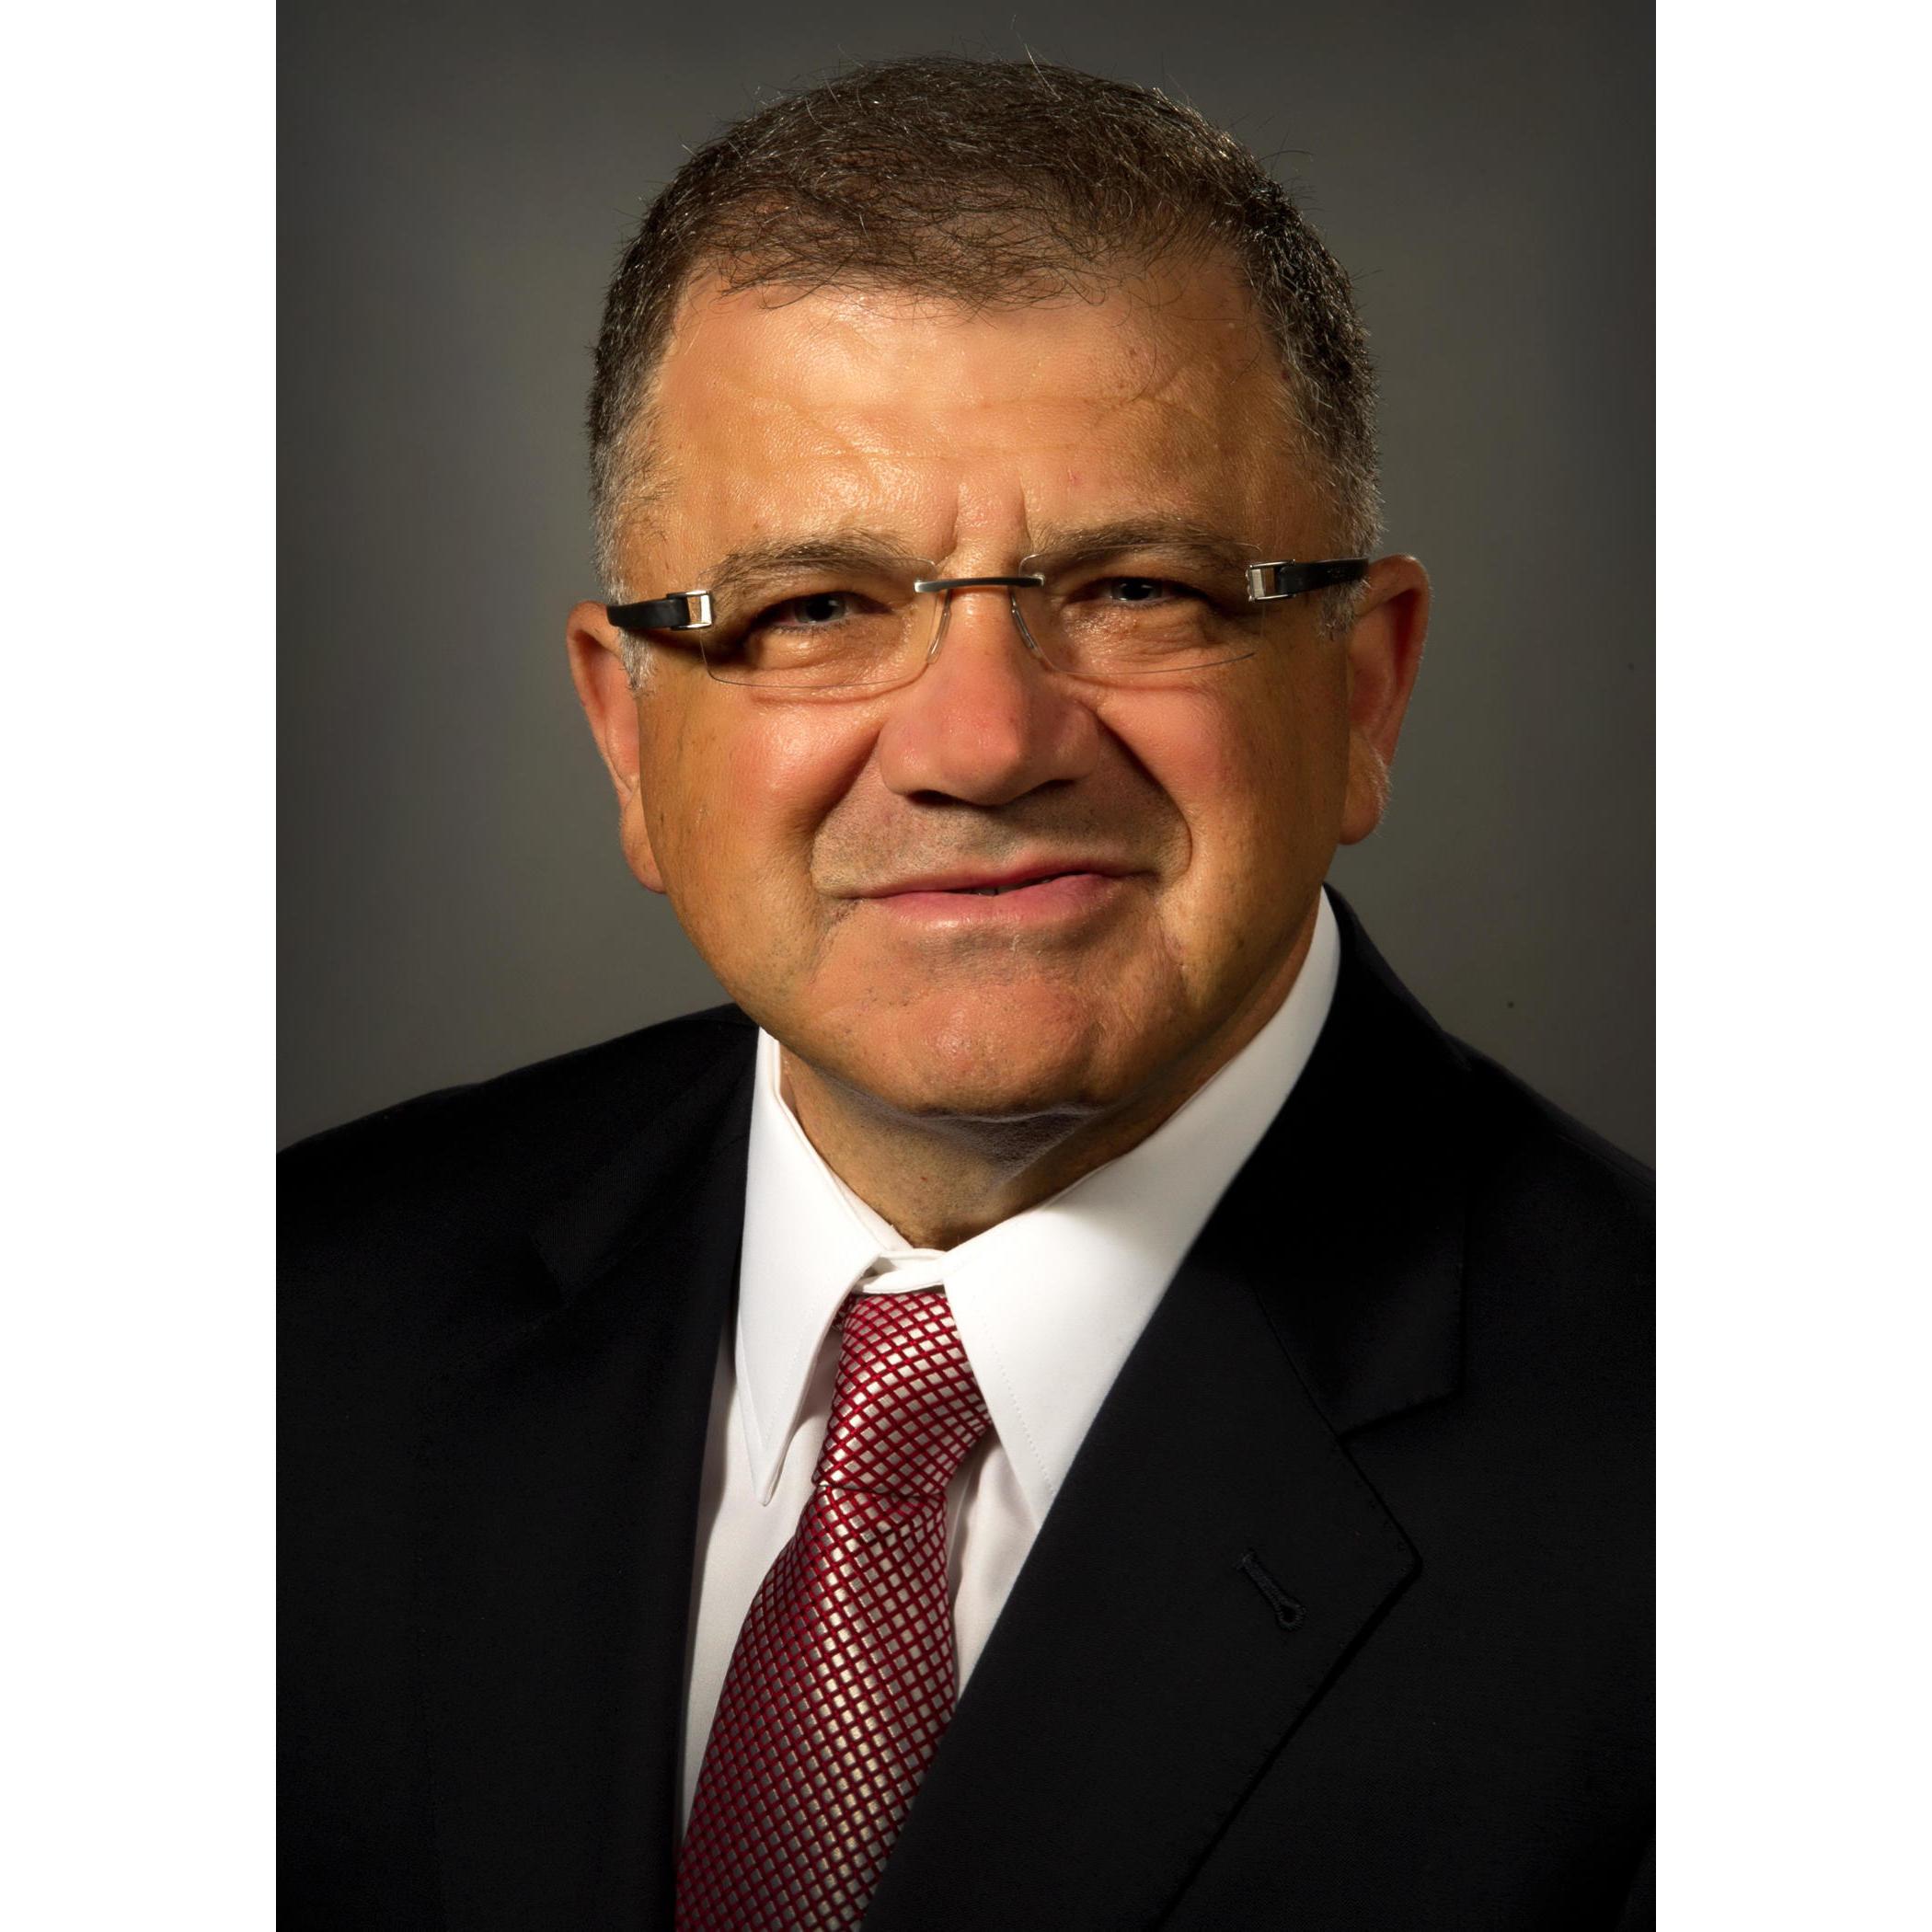 Mohamad Fouad El-Baba, MD